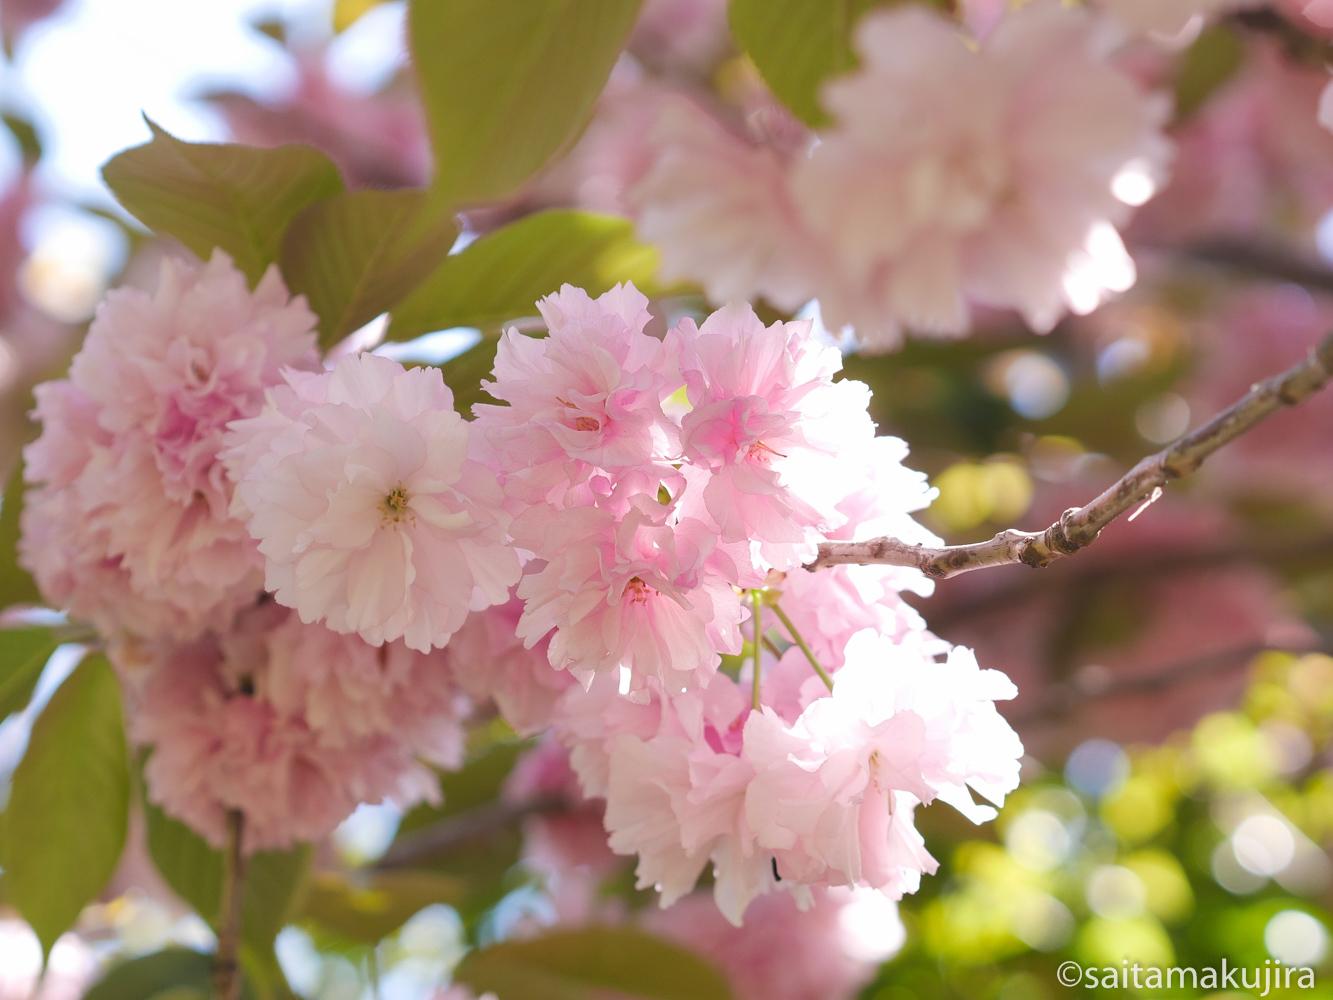 2015年4月23日 サトザクラ x マクロコンバーター_f0108797_13483410.jpg